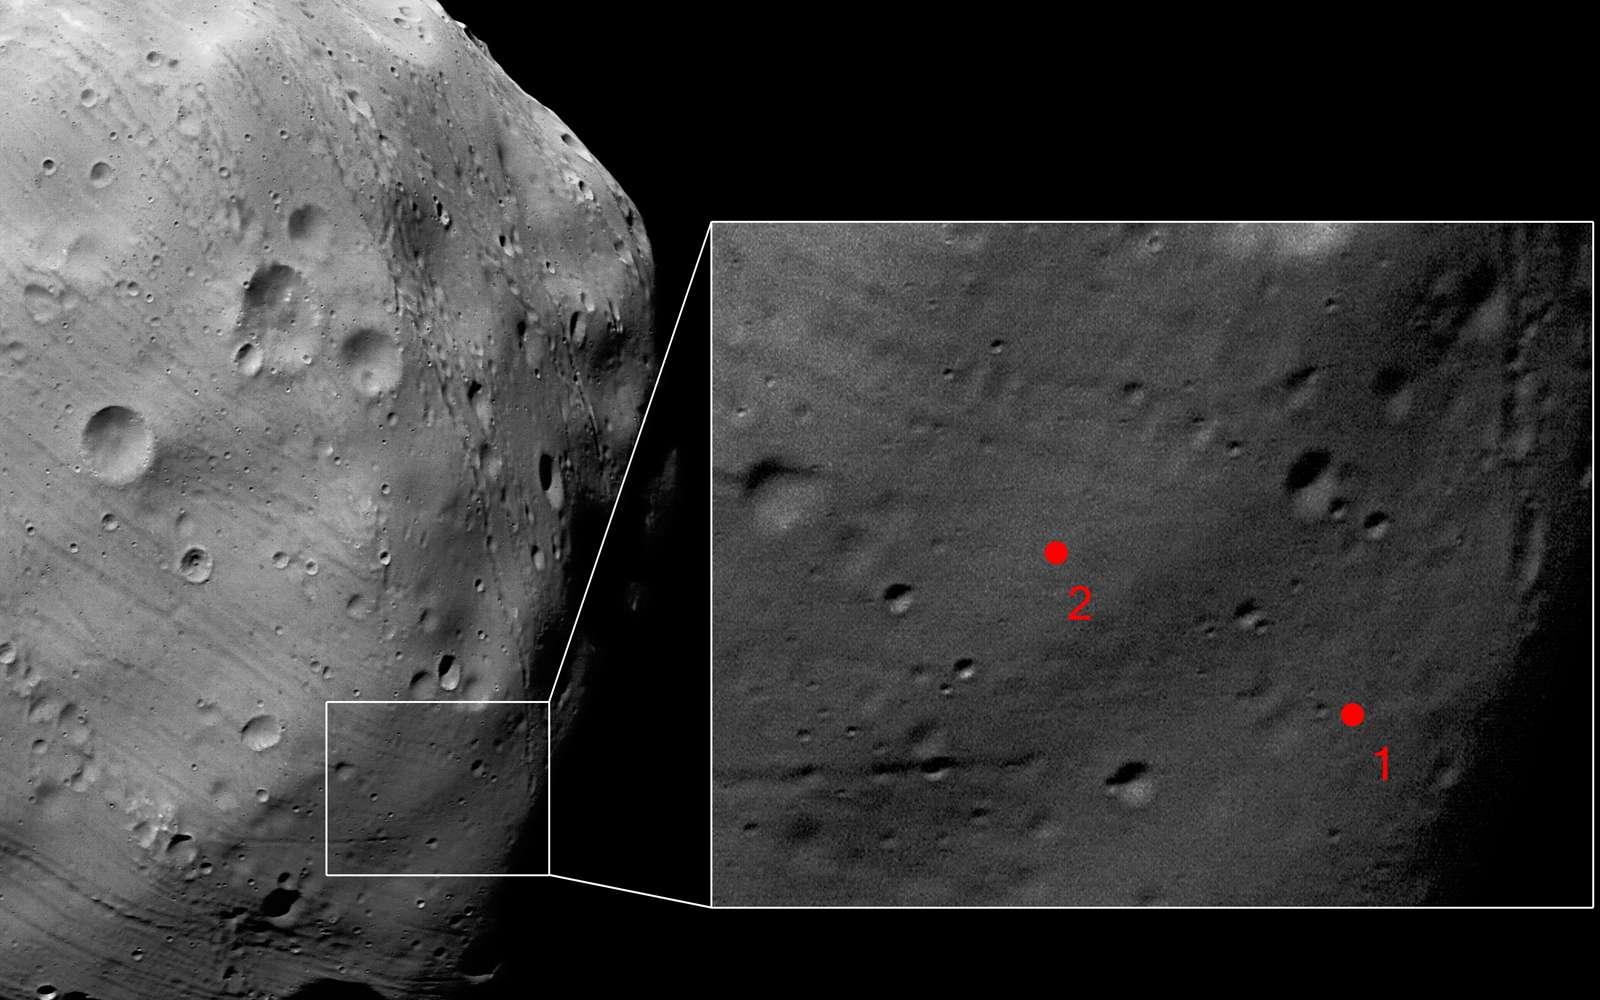 Le 7 mars, Mars Express a photographié avec une résolution de 4,4 mètres par pixel deux des sites envisagés pour l'atterrissage de la sonde russe Phobos-Grunt. Crédits Esa/DLR/FU Berlin (G. Neukum)